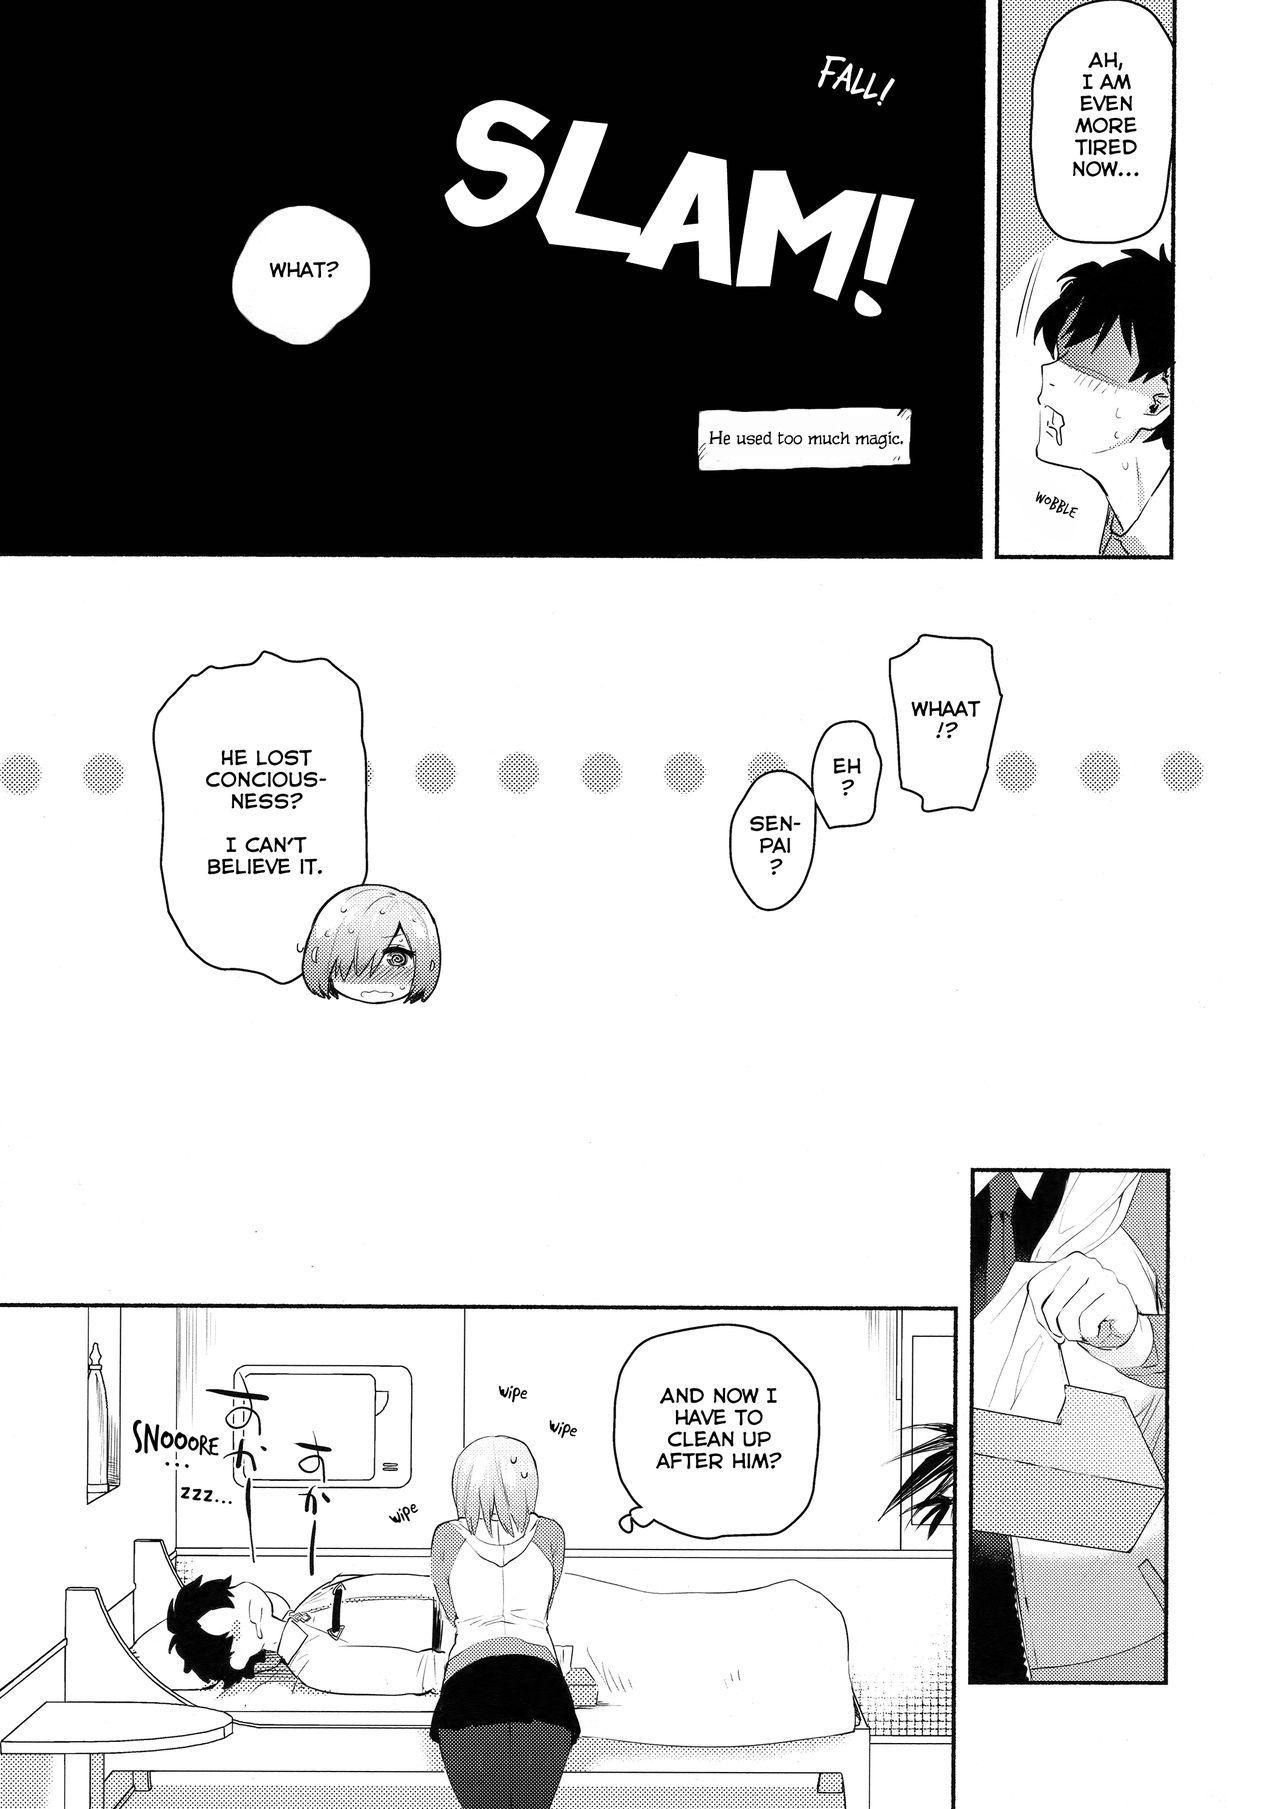 Neteiru Watashi ni Ecchi na Koto Shichaundesu ne...   Naughty Things Will Happen To Me While Sleeping... 16